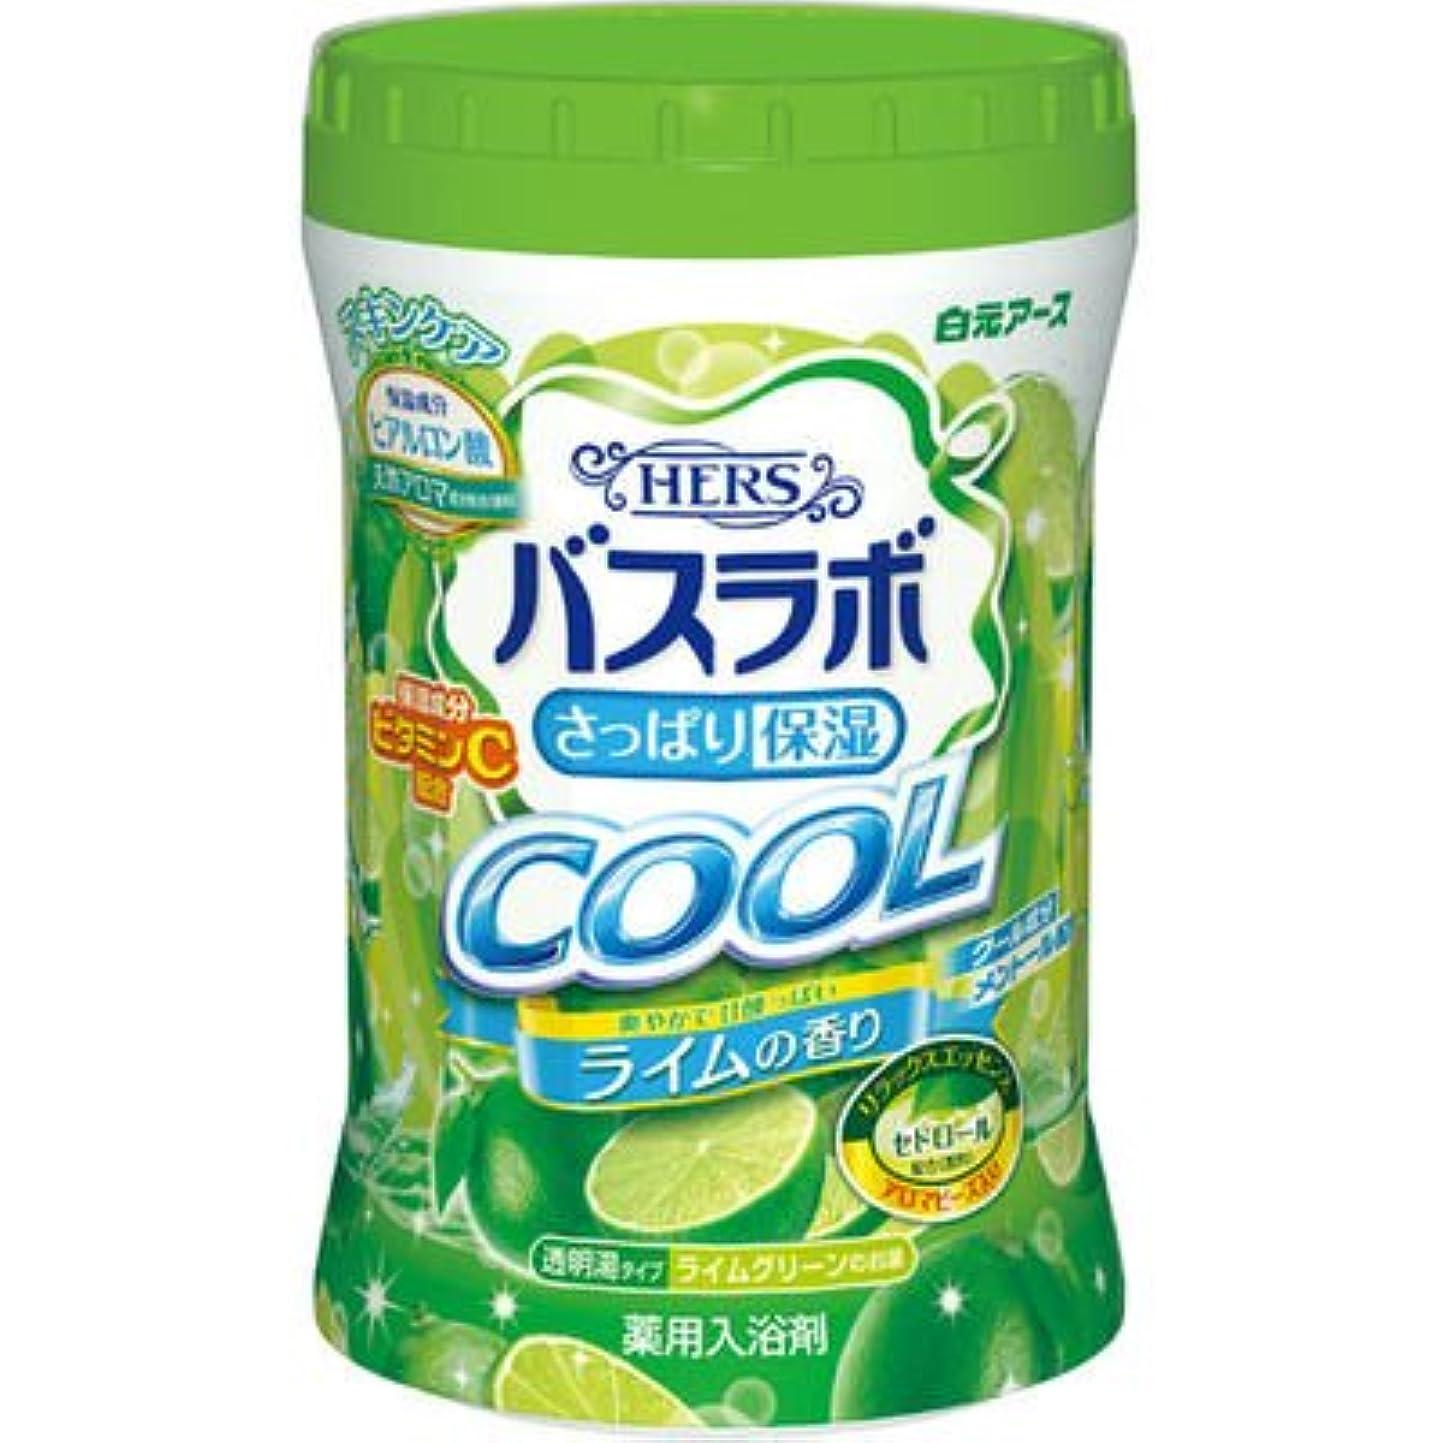 宅配便弱まるスタック白元アース HERSバスラボ さっぱり保湿 COOL ライムの香り 640g E537344H